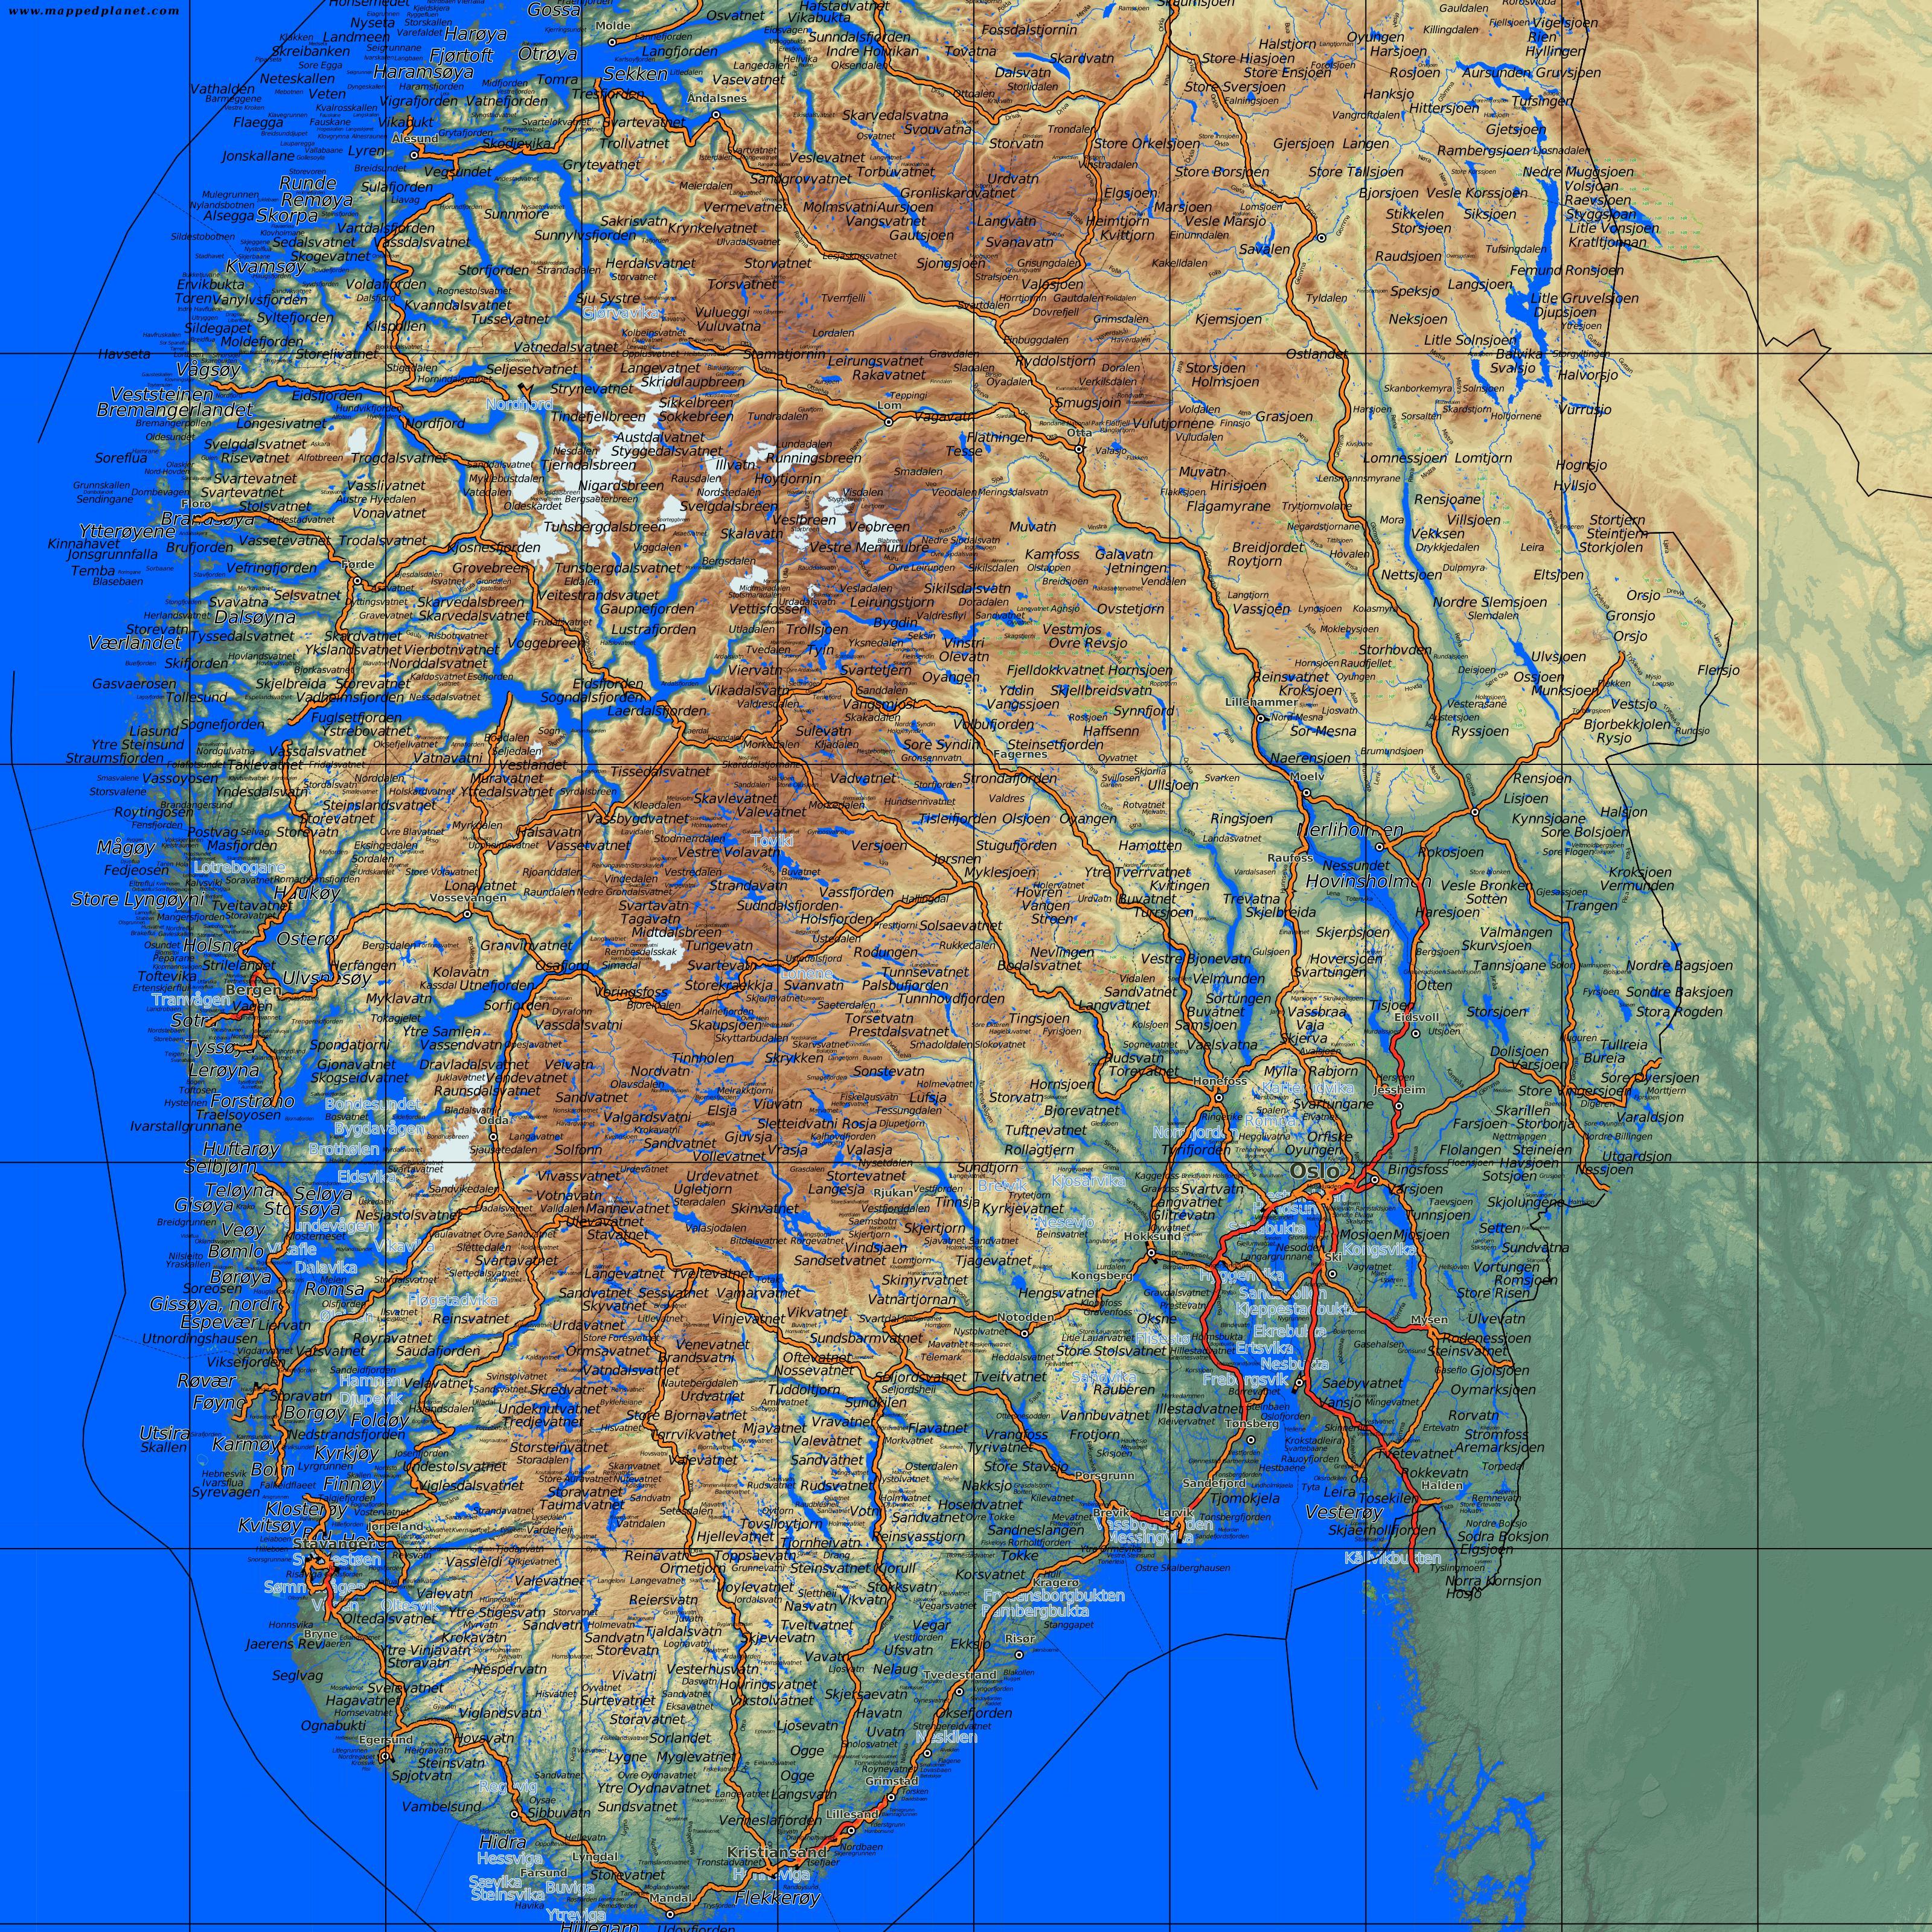 Kort Over Det Sydlige Norge Detaljeret Kort Over Det Sydlige